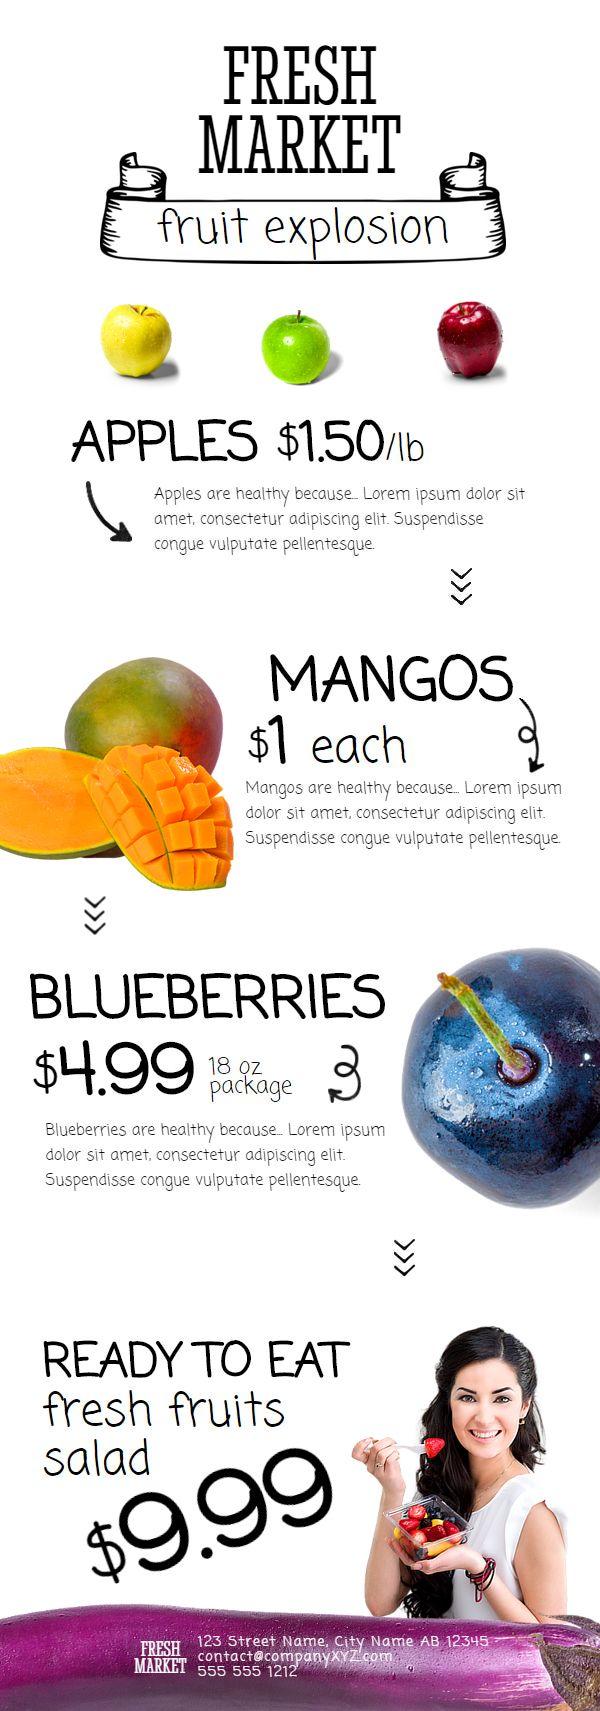 Fresh Market – free newsletter template on Behance